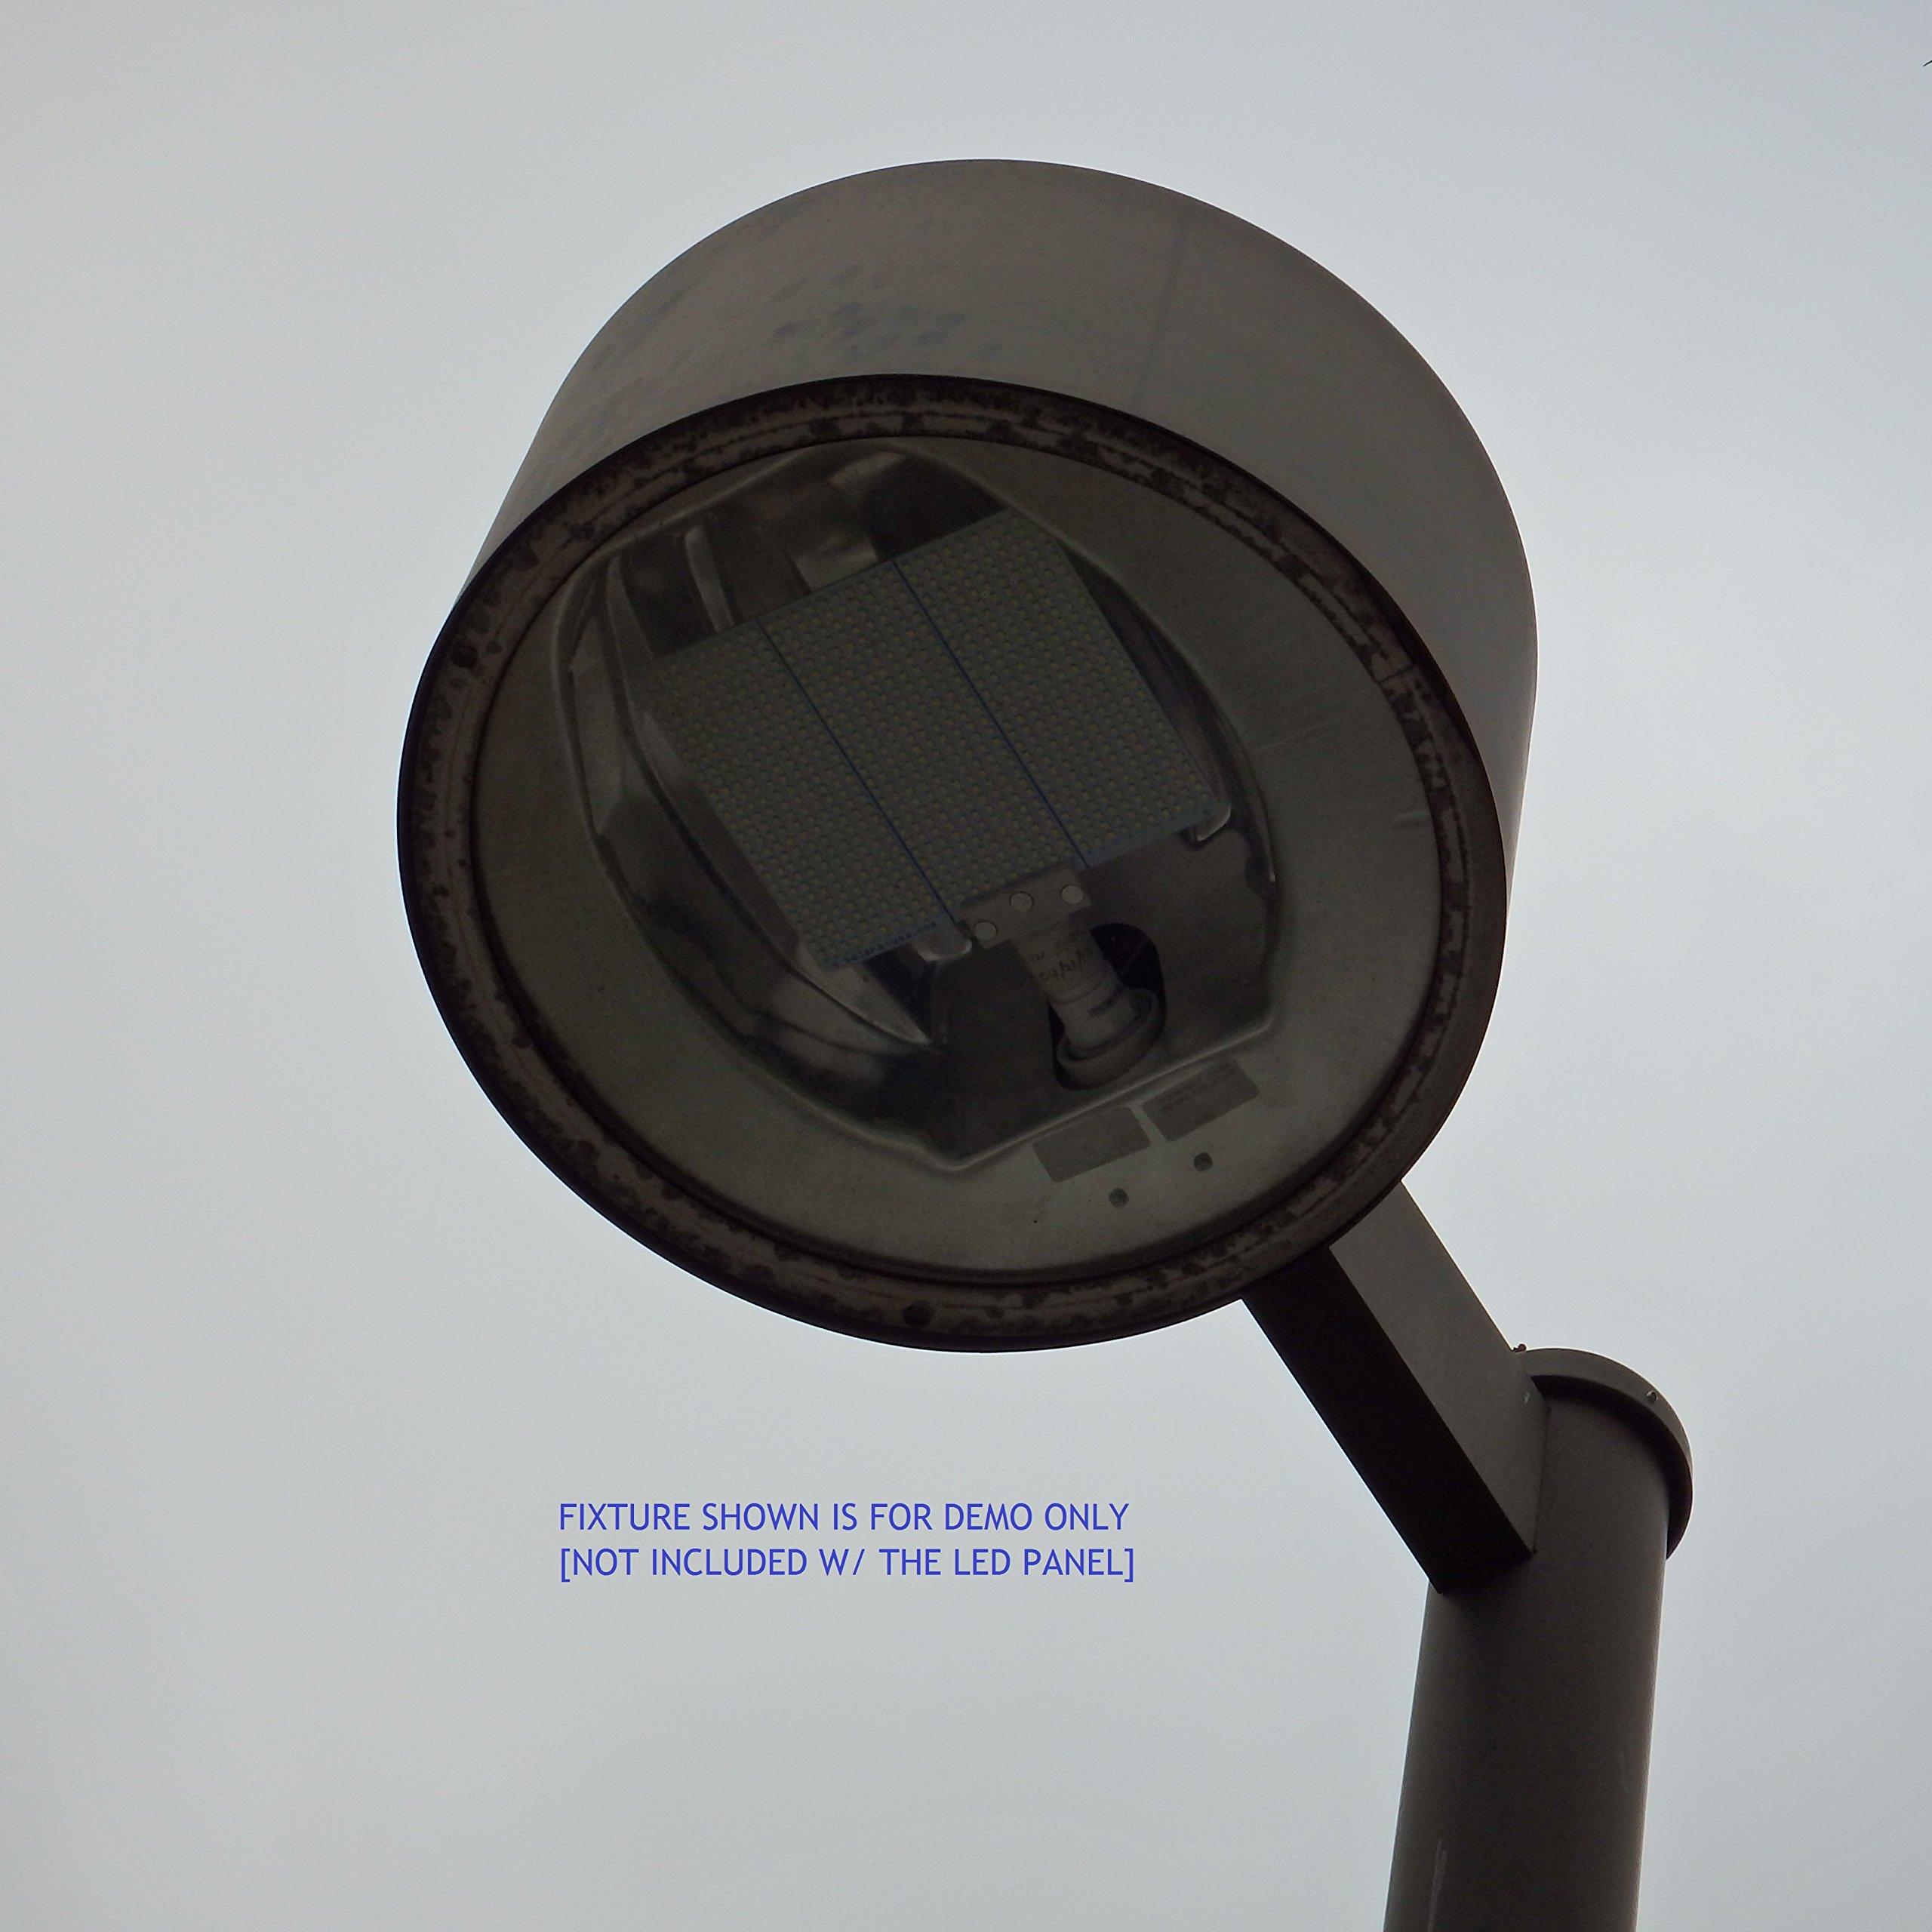 WATER-RESISTANT 33-Watt 7500-lumen COOL WHITE LED (6000K) LIGHT FOR MHL/HPS FIXTURES -- 120Vac. MOGUL BASE (E39). P/N: SPT840LTX-120V by SOLARA-USA